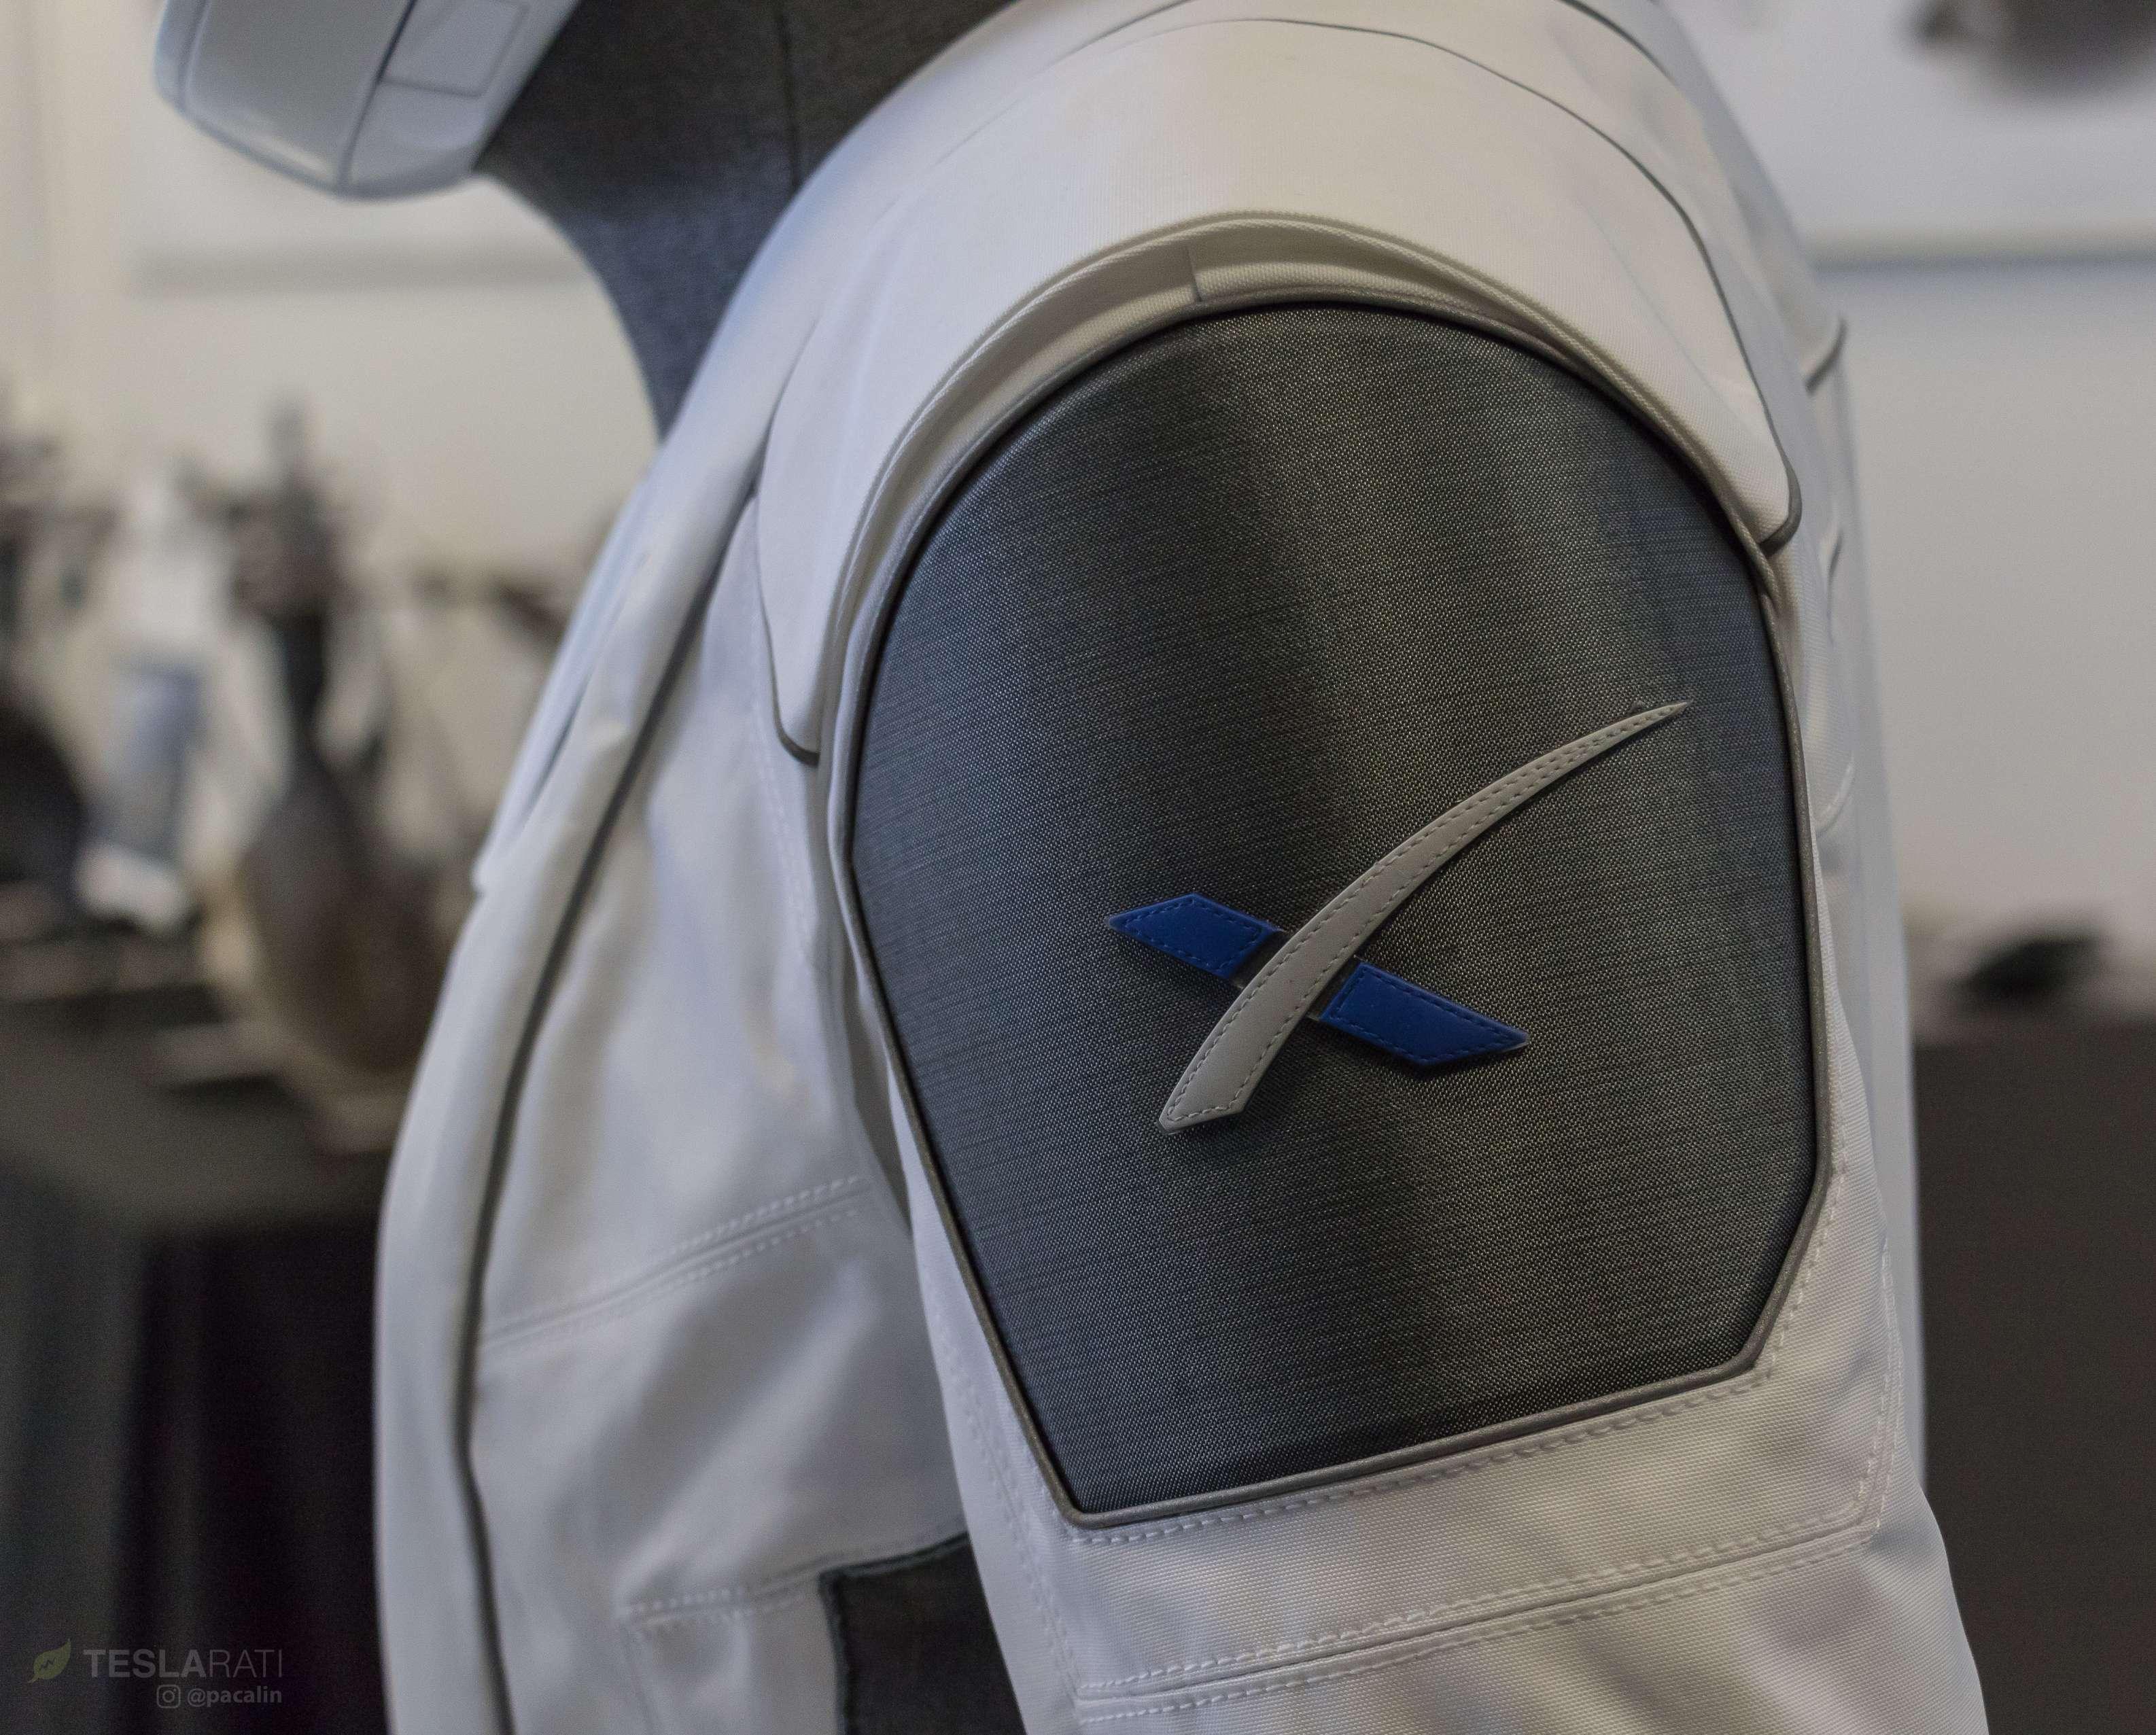 SpaceX spacesuit detail 081318 (Pauline Acalin) 6(c)